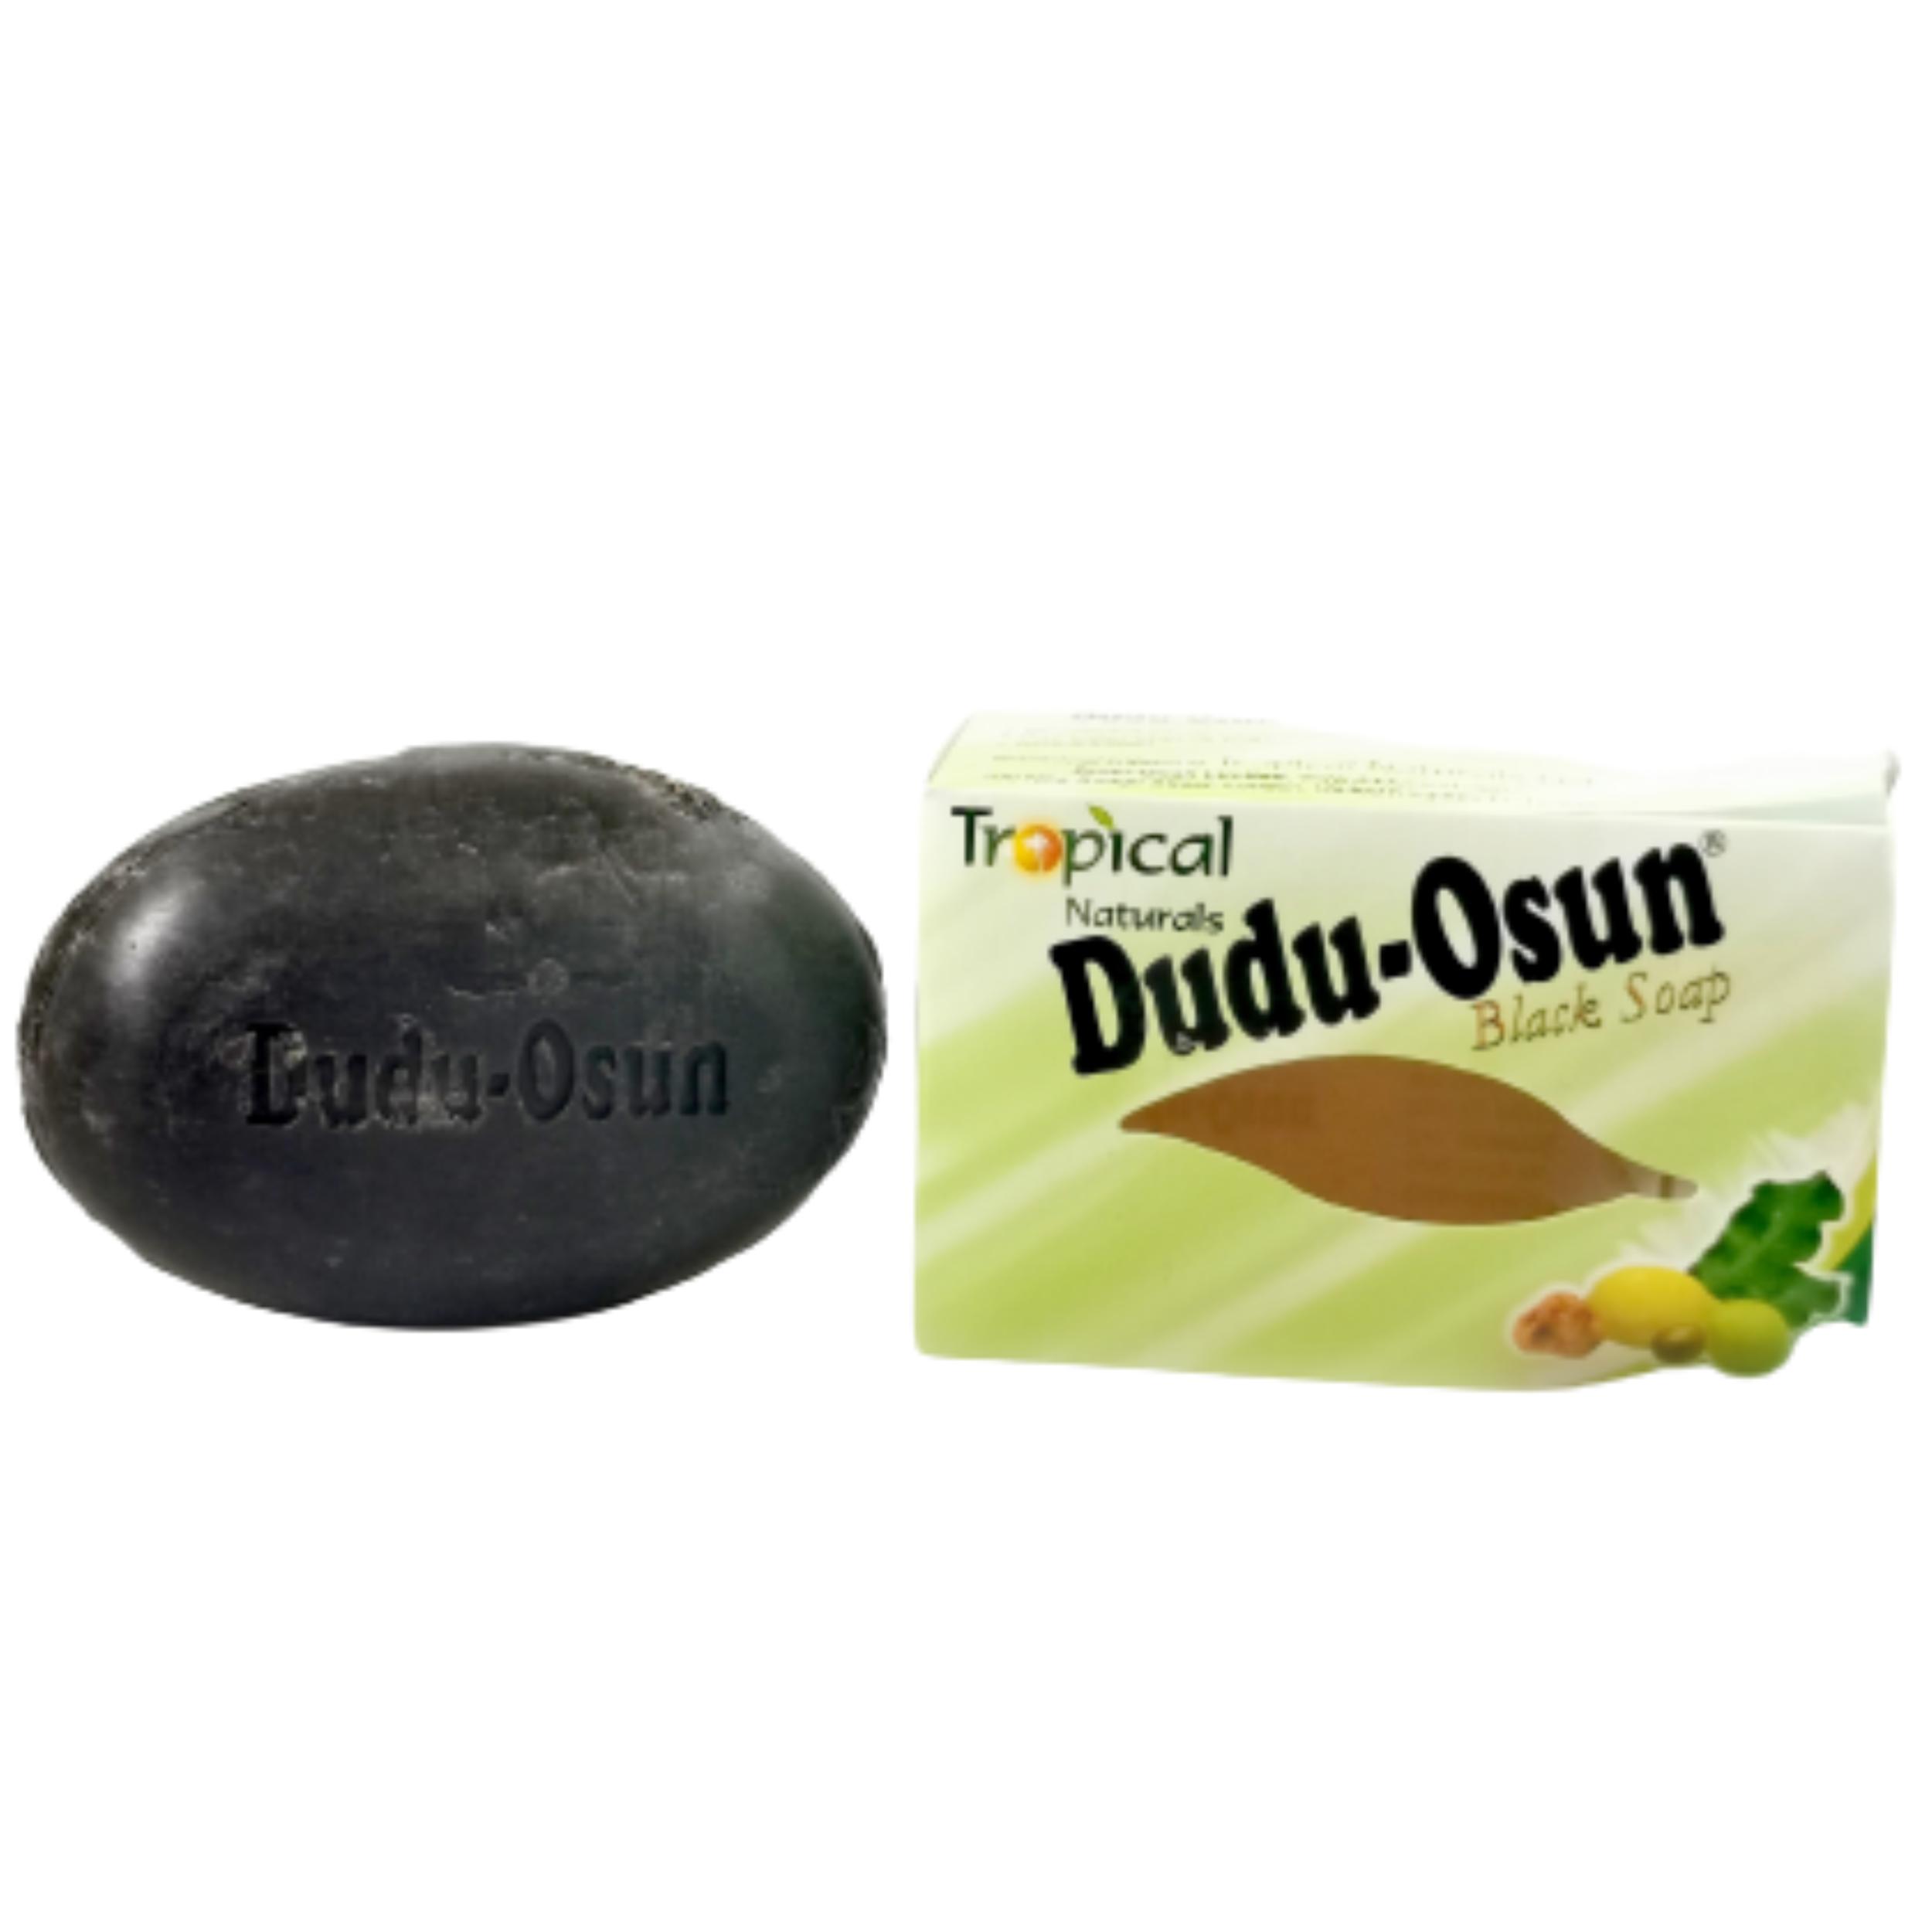 Savon noir. Nettoie en profondeur, enlève les taches et impuretés de la peau- Dudu-Osun